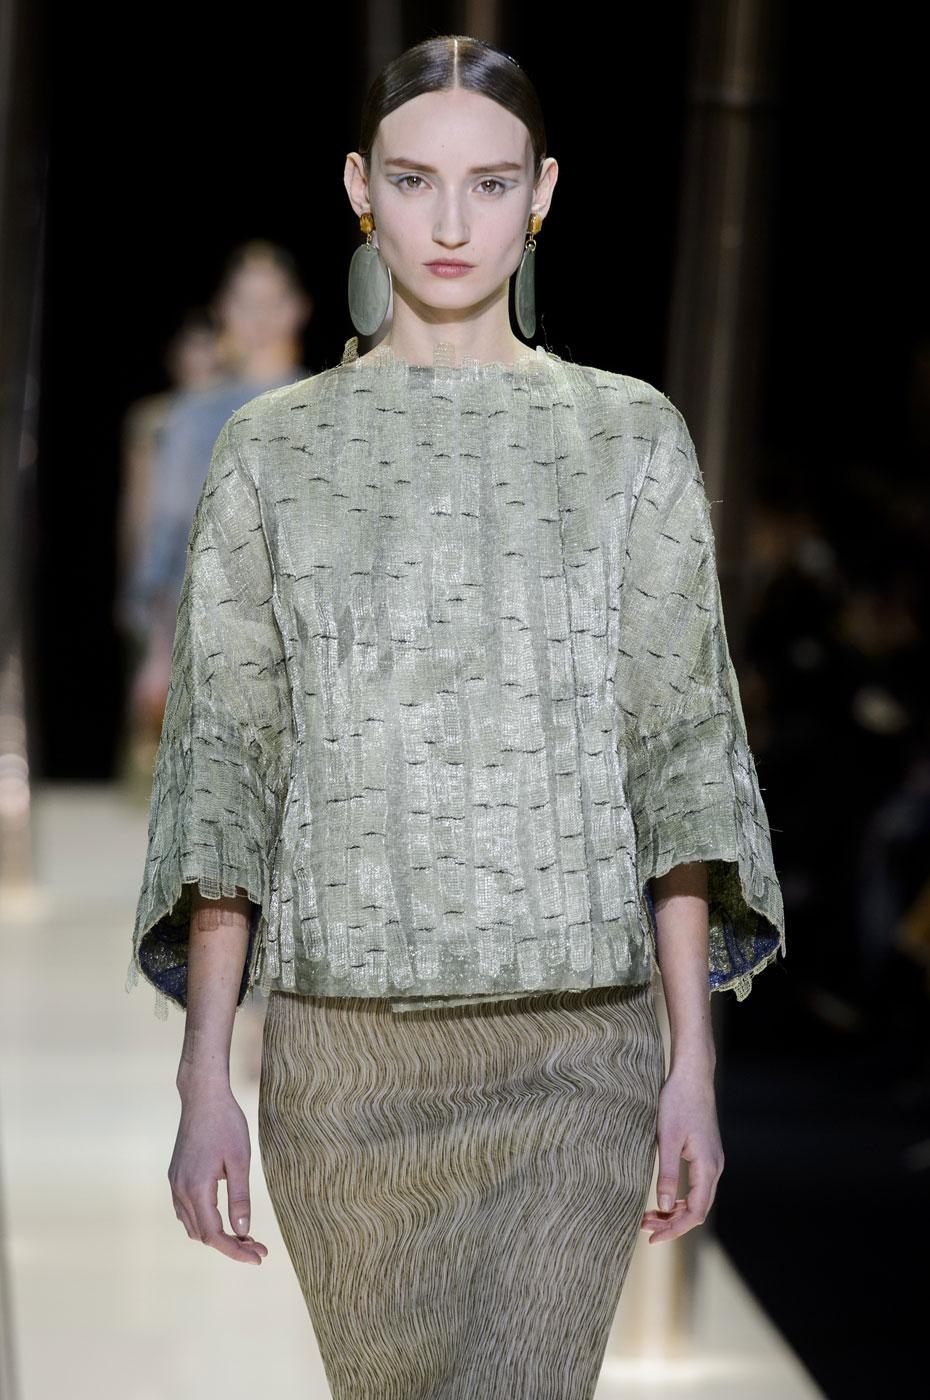 Giorgio-armani-Prive-fashion-runway-show-haute-couture-paris-spring-2015-the-impression-042